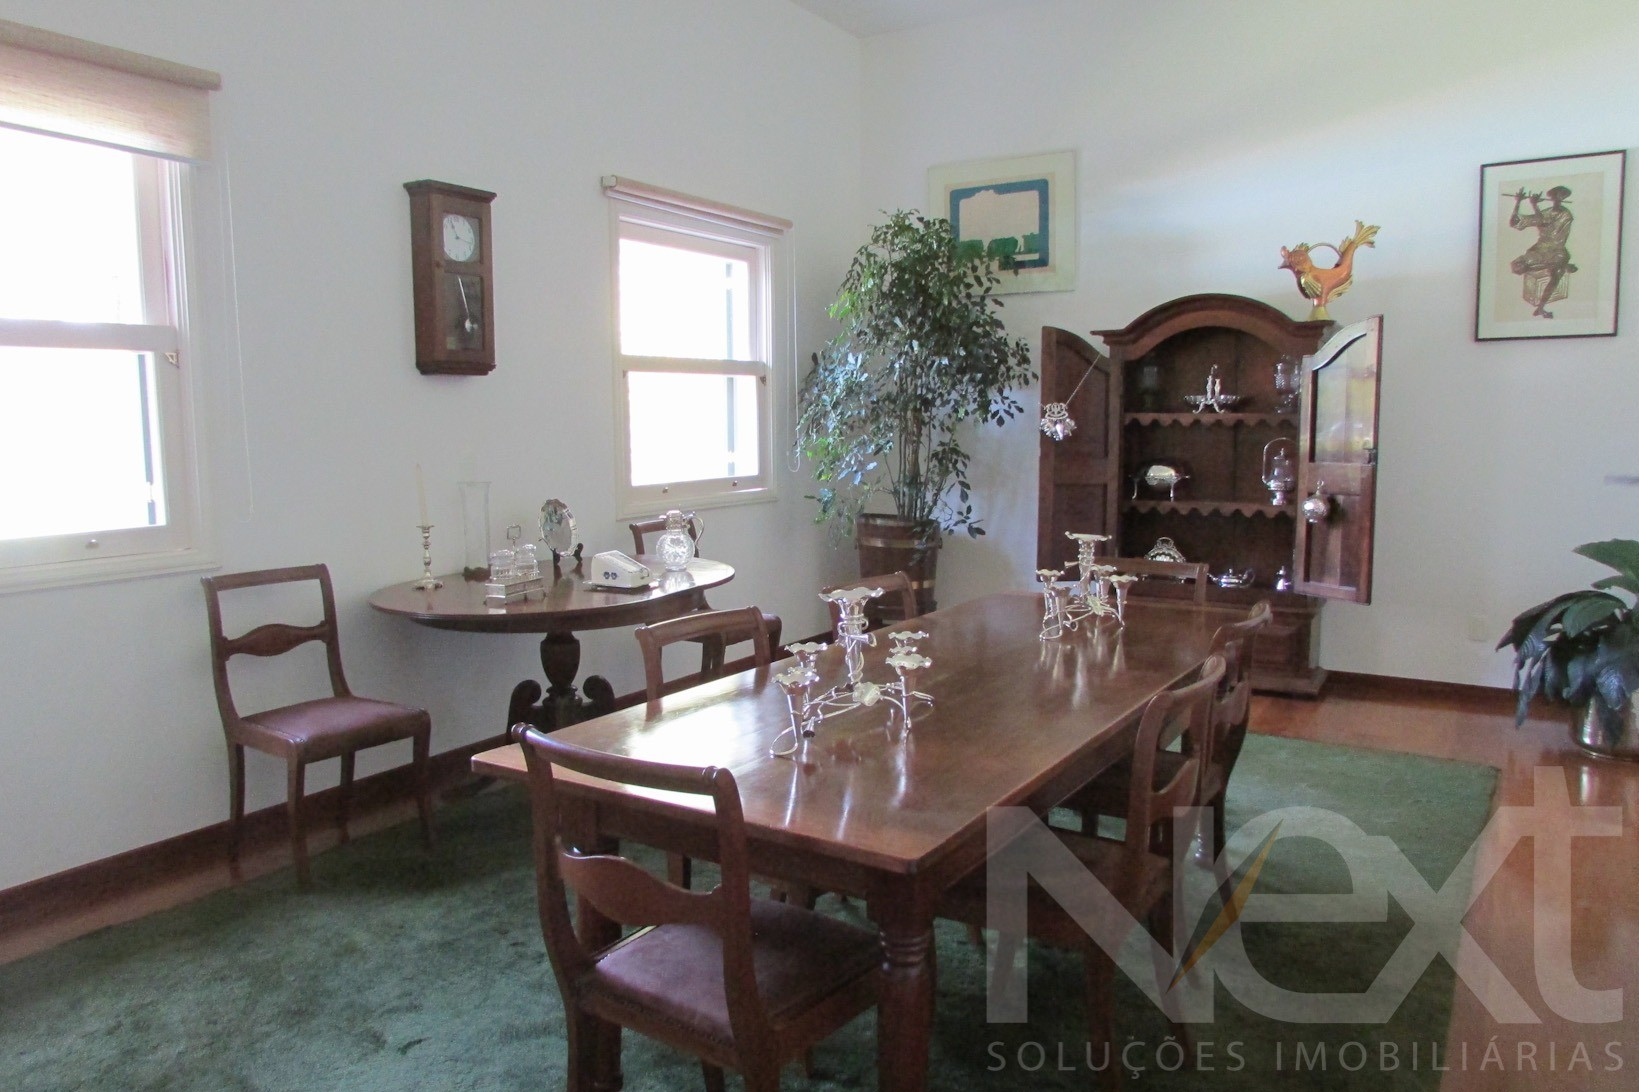 Condomínio de 3 dormitórios à venda em Gramado, Campinas - SP